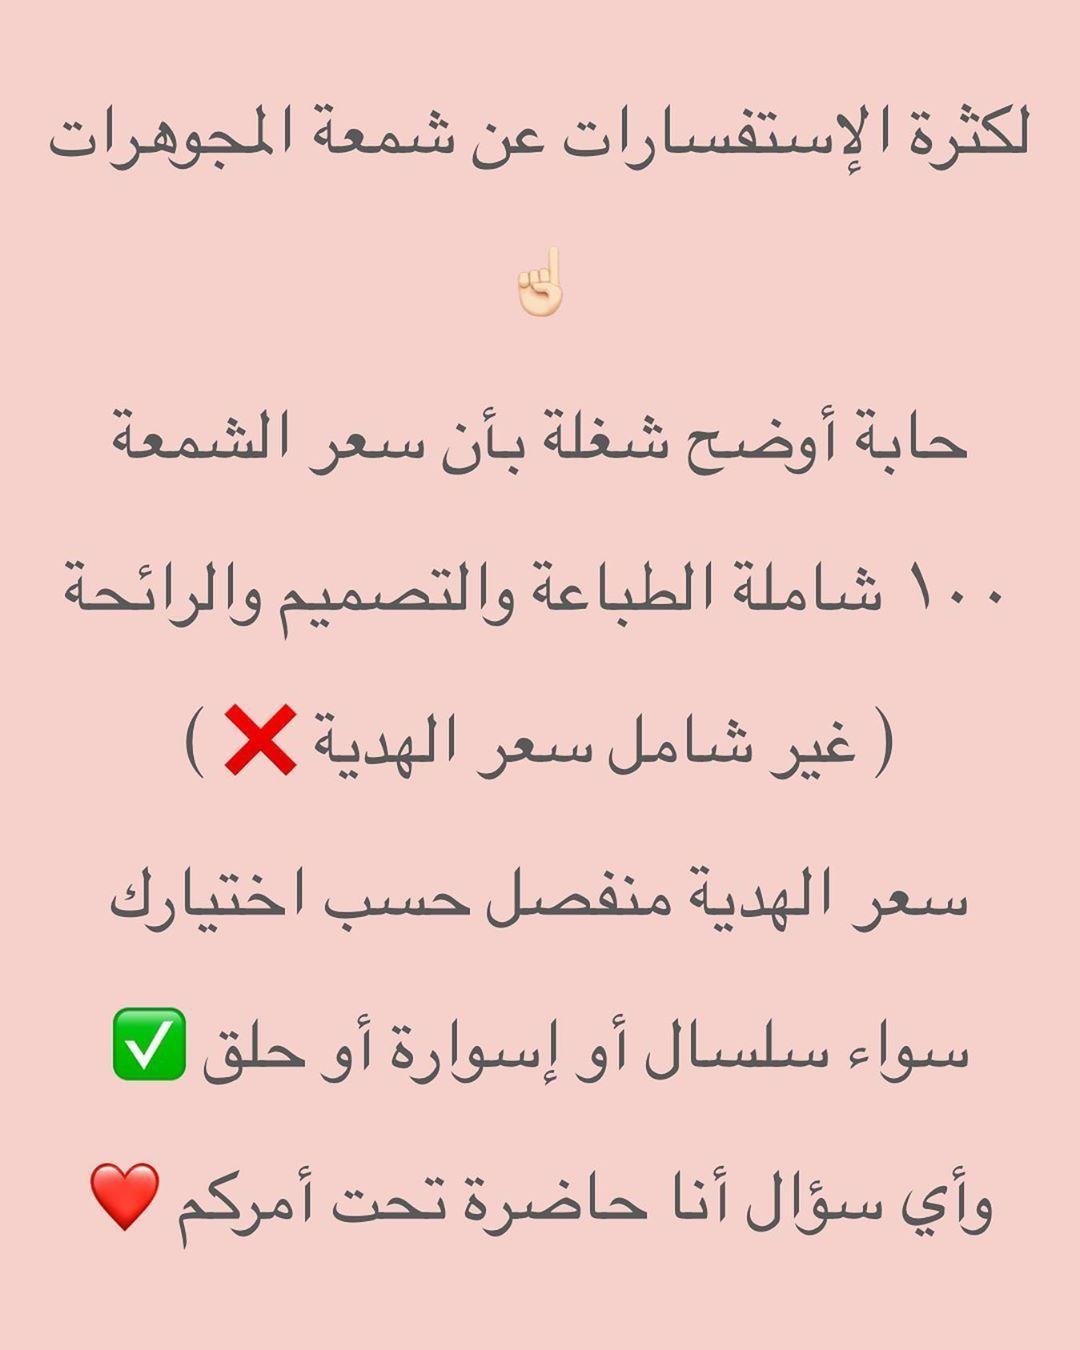 للتوضيح Emzjewelry Khobar Dammam Riyadh Jeddah Ksa Saudi الخبر مجوهرات خروج نهائي مرحلخروج نهائي والكفيل متوفيخروج نهائي للسائق Math Blog Labels